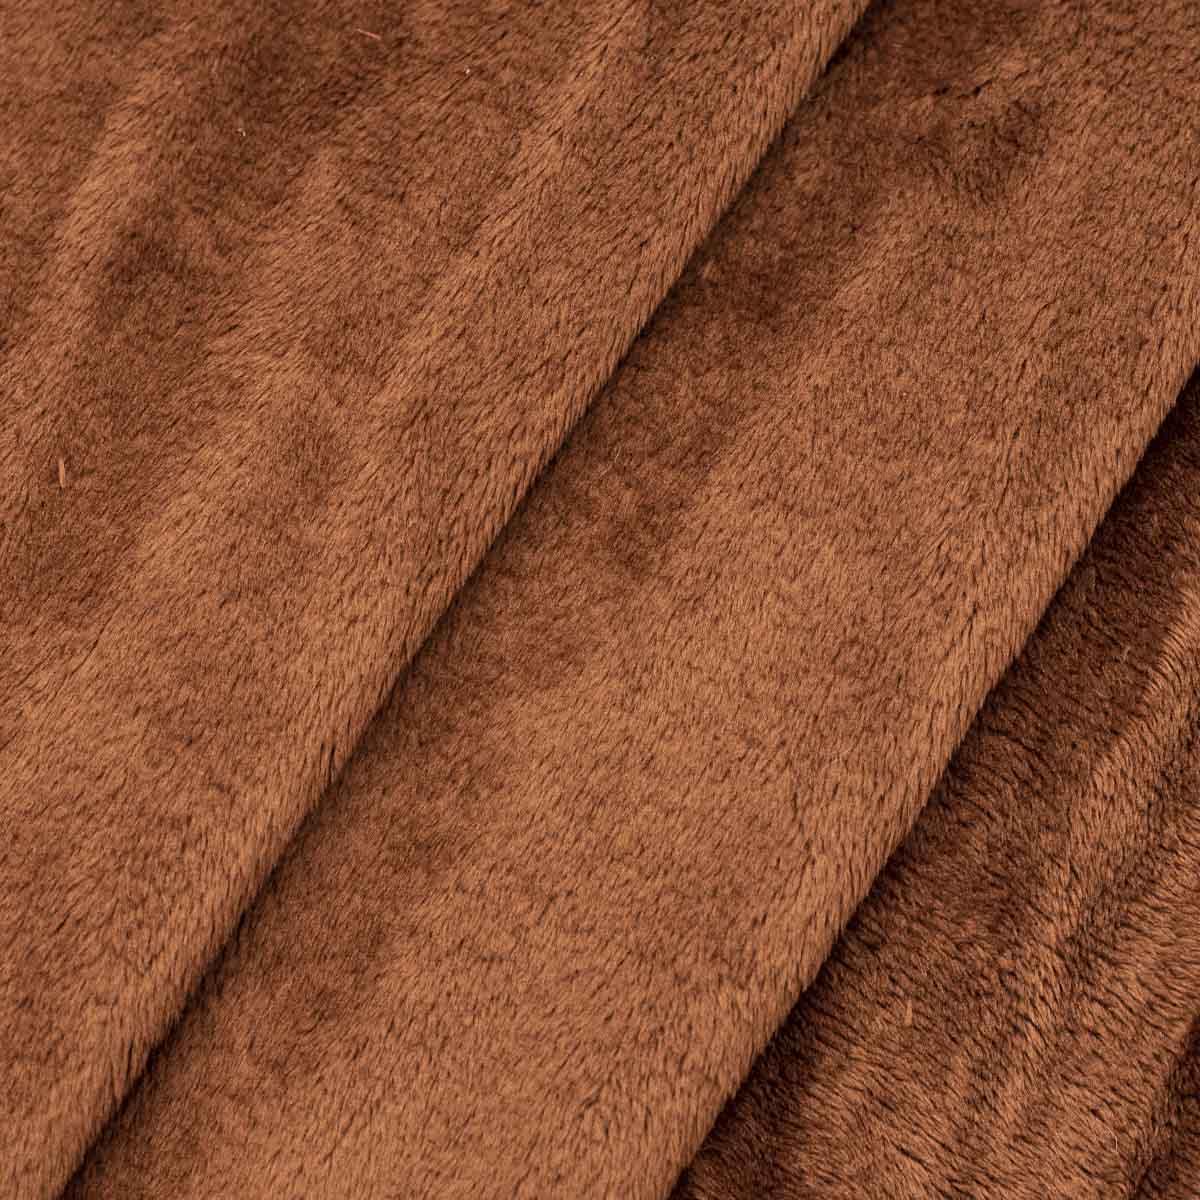 Мех М-1407 коротковорсовый 3мм, 50*50см, 100% п/э, цв. коричневый (38)